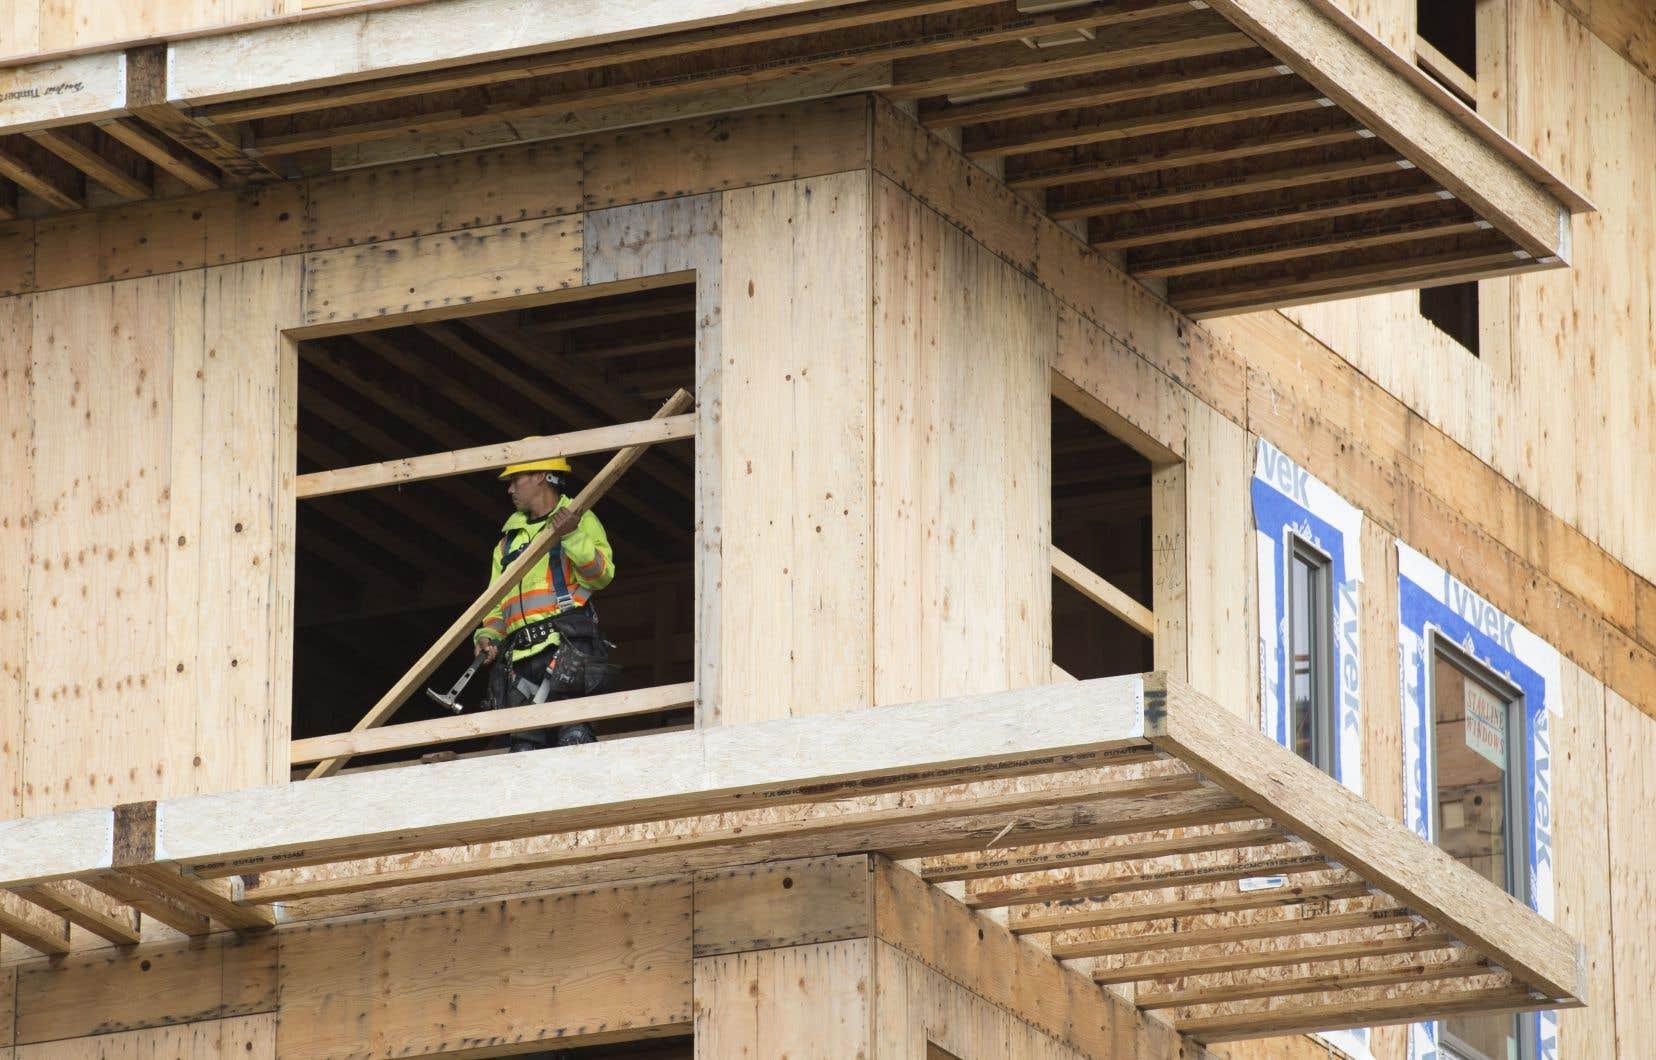 Selon la SCHL, le rythme annualisé des mises en chantier dans les centres urbains a augmenté de 9,8% en janvier pour s'établir à 202407 unités.